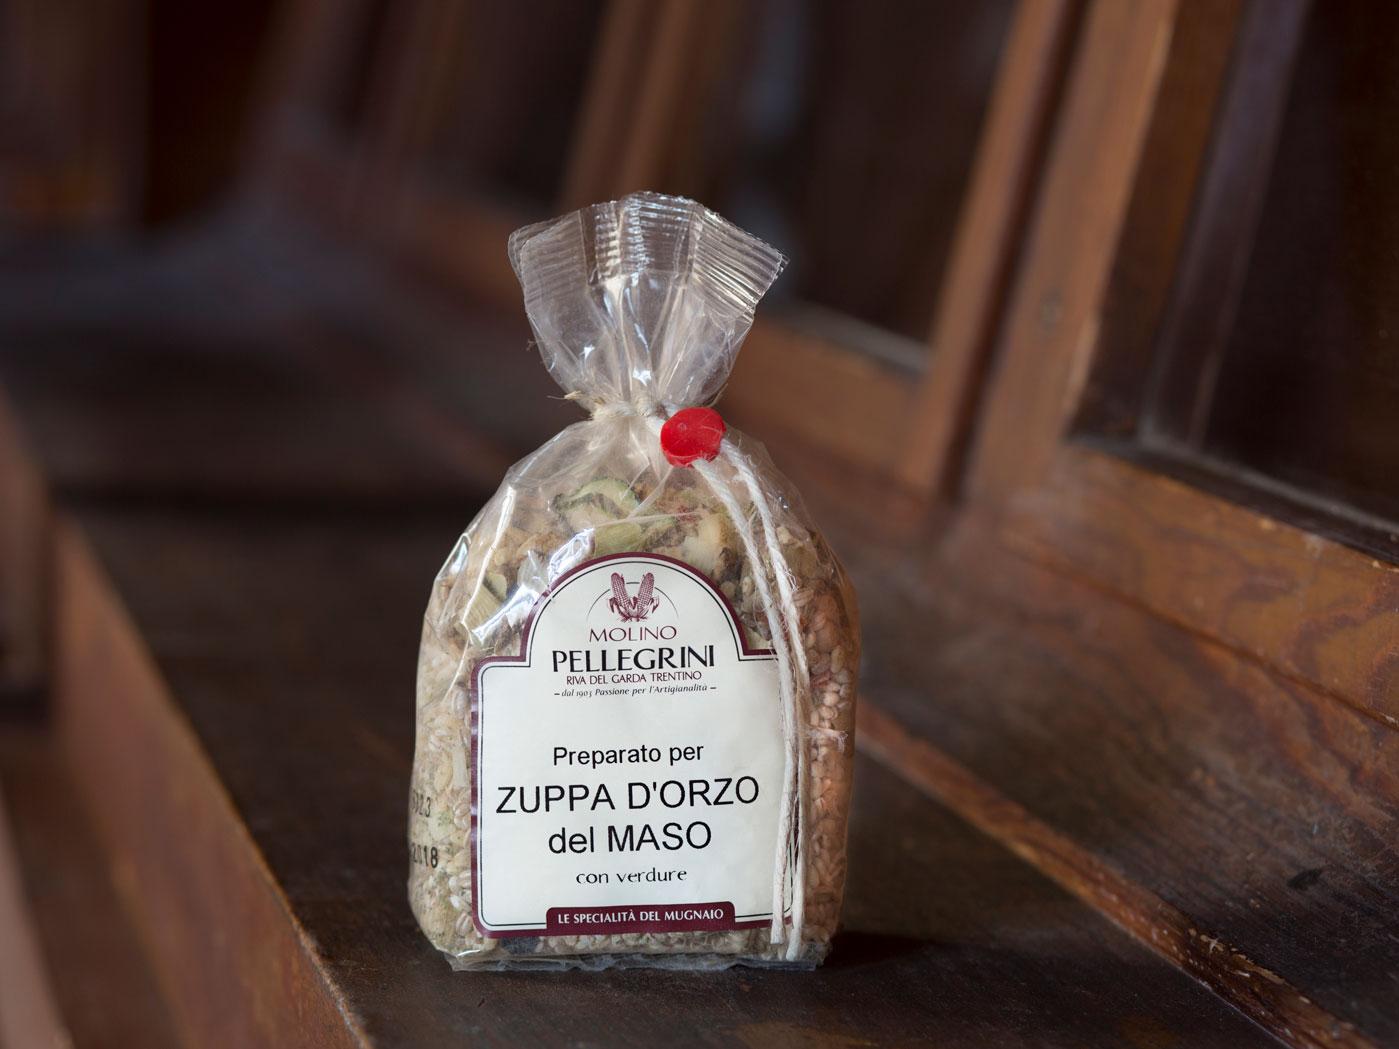 Zuppa d'Orzo del Maso